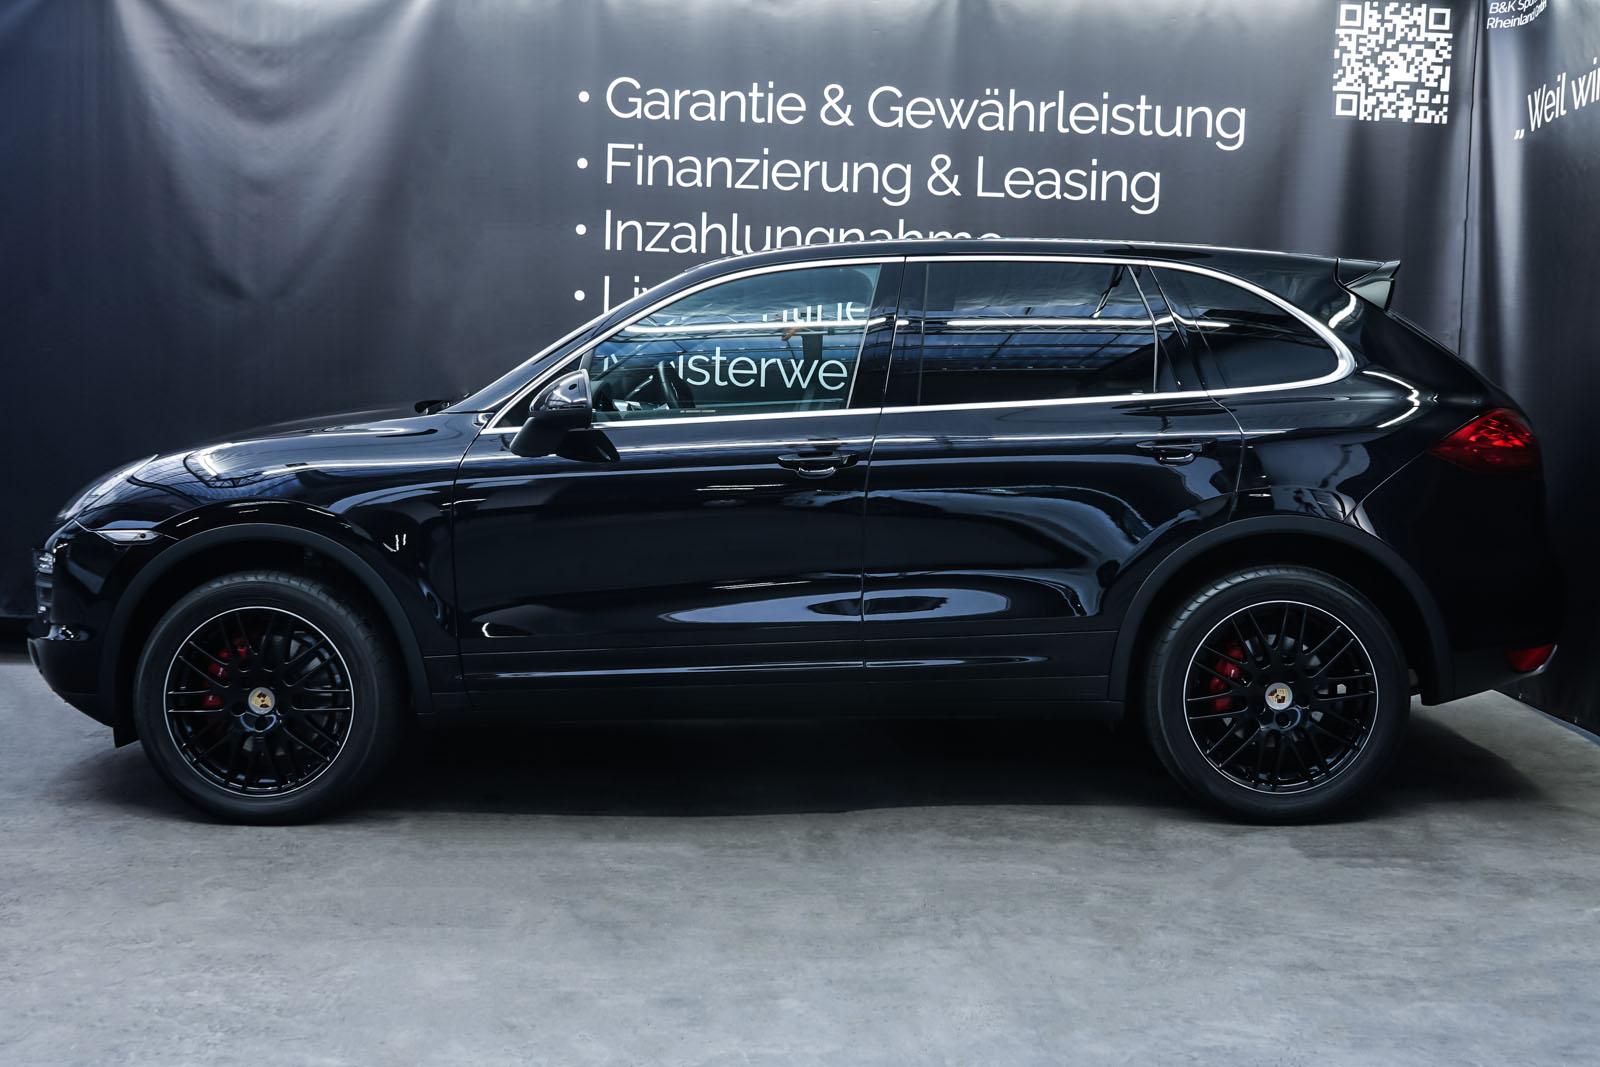 Porsche_CayenneS_Schwarz_Schwarz_POR-2086_5_w